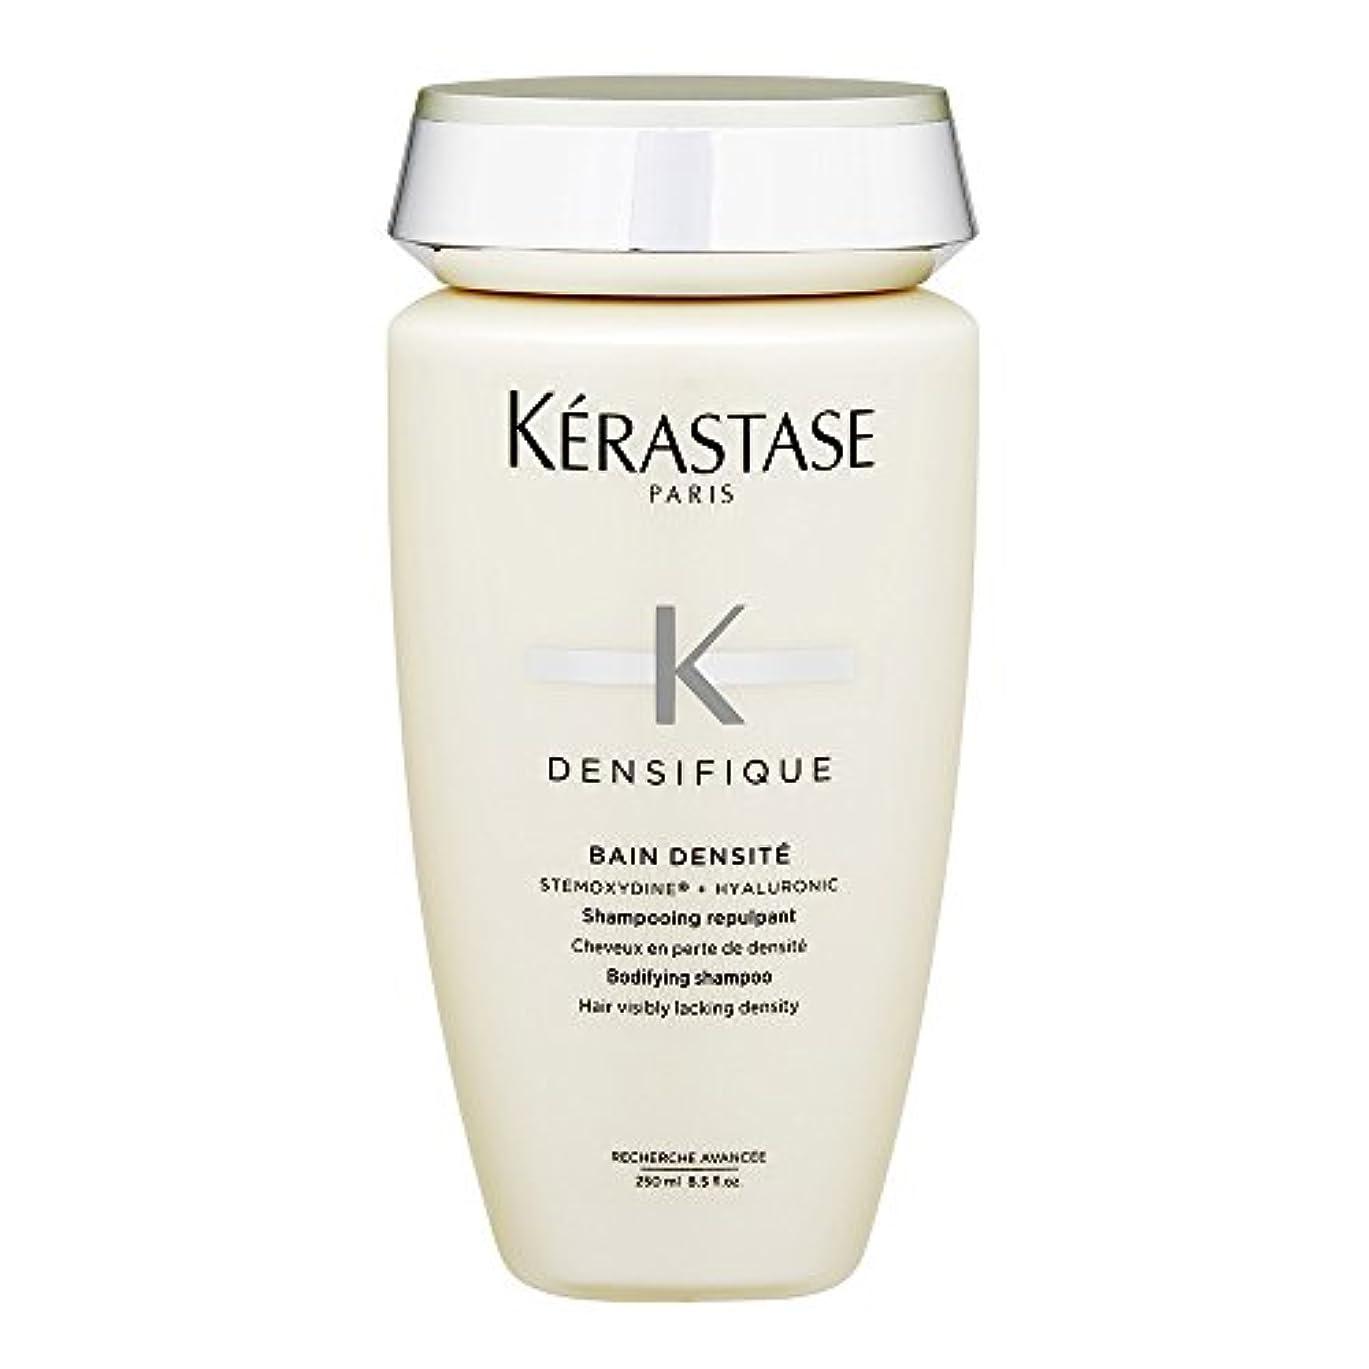 徹底的に反毒貧困ケラスターゼ(KERASTASE) DS バン デンシフィック 250ml [並行輸入品]